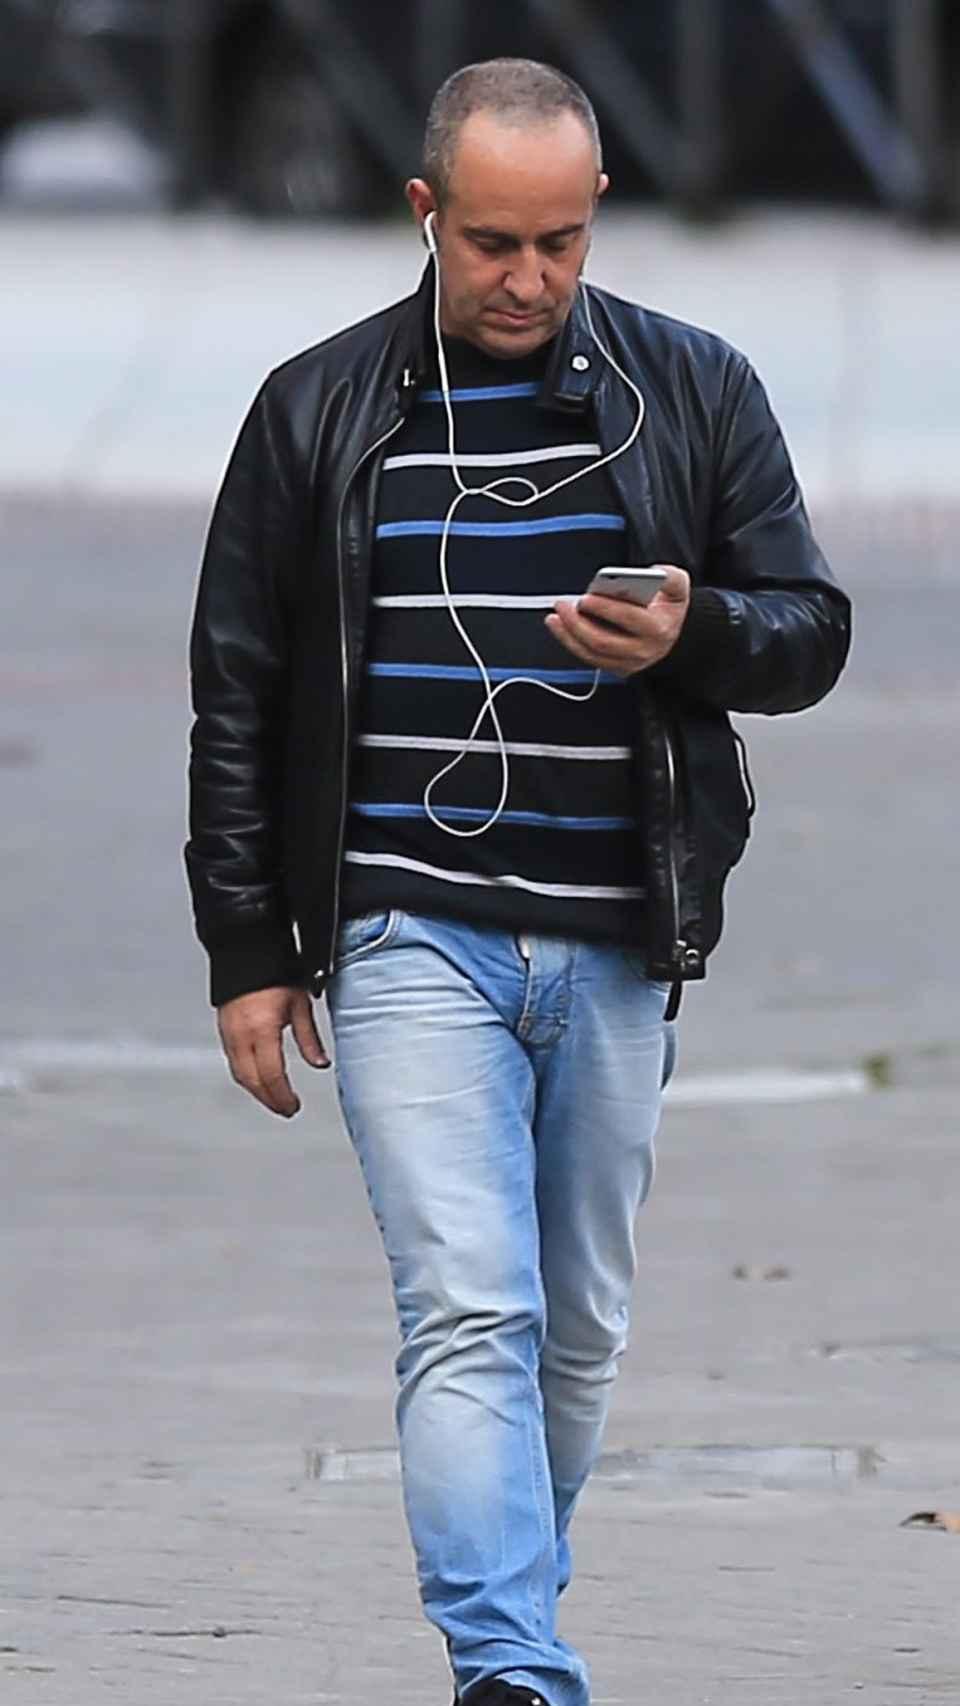 Víctor paseando por Sitges.